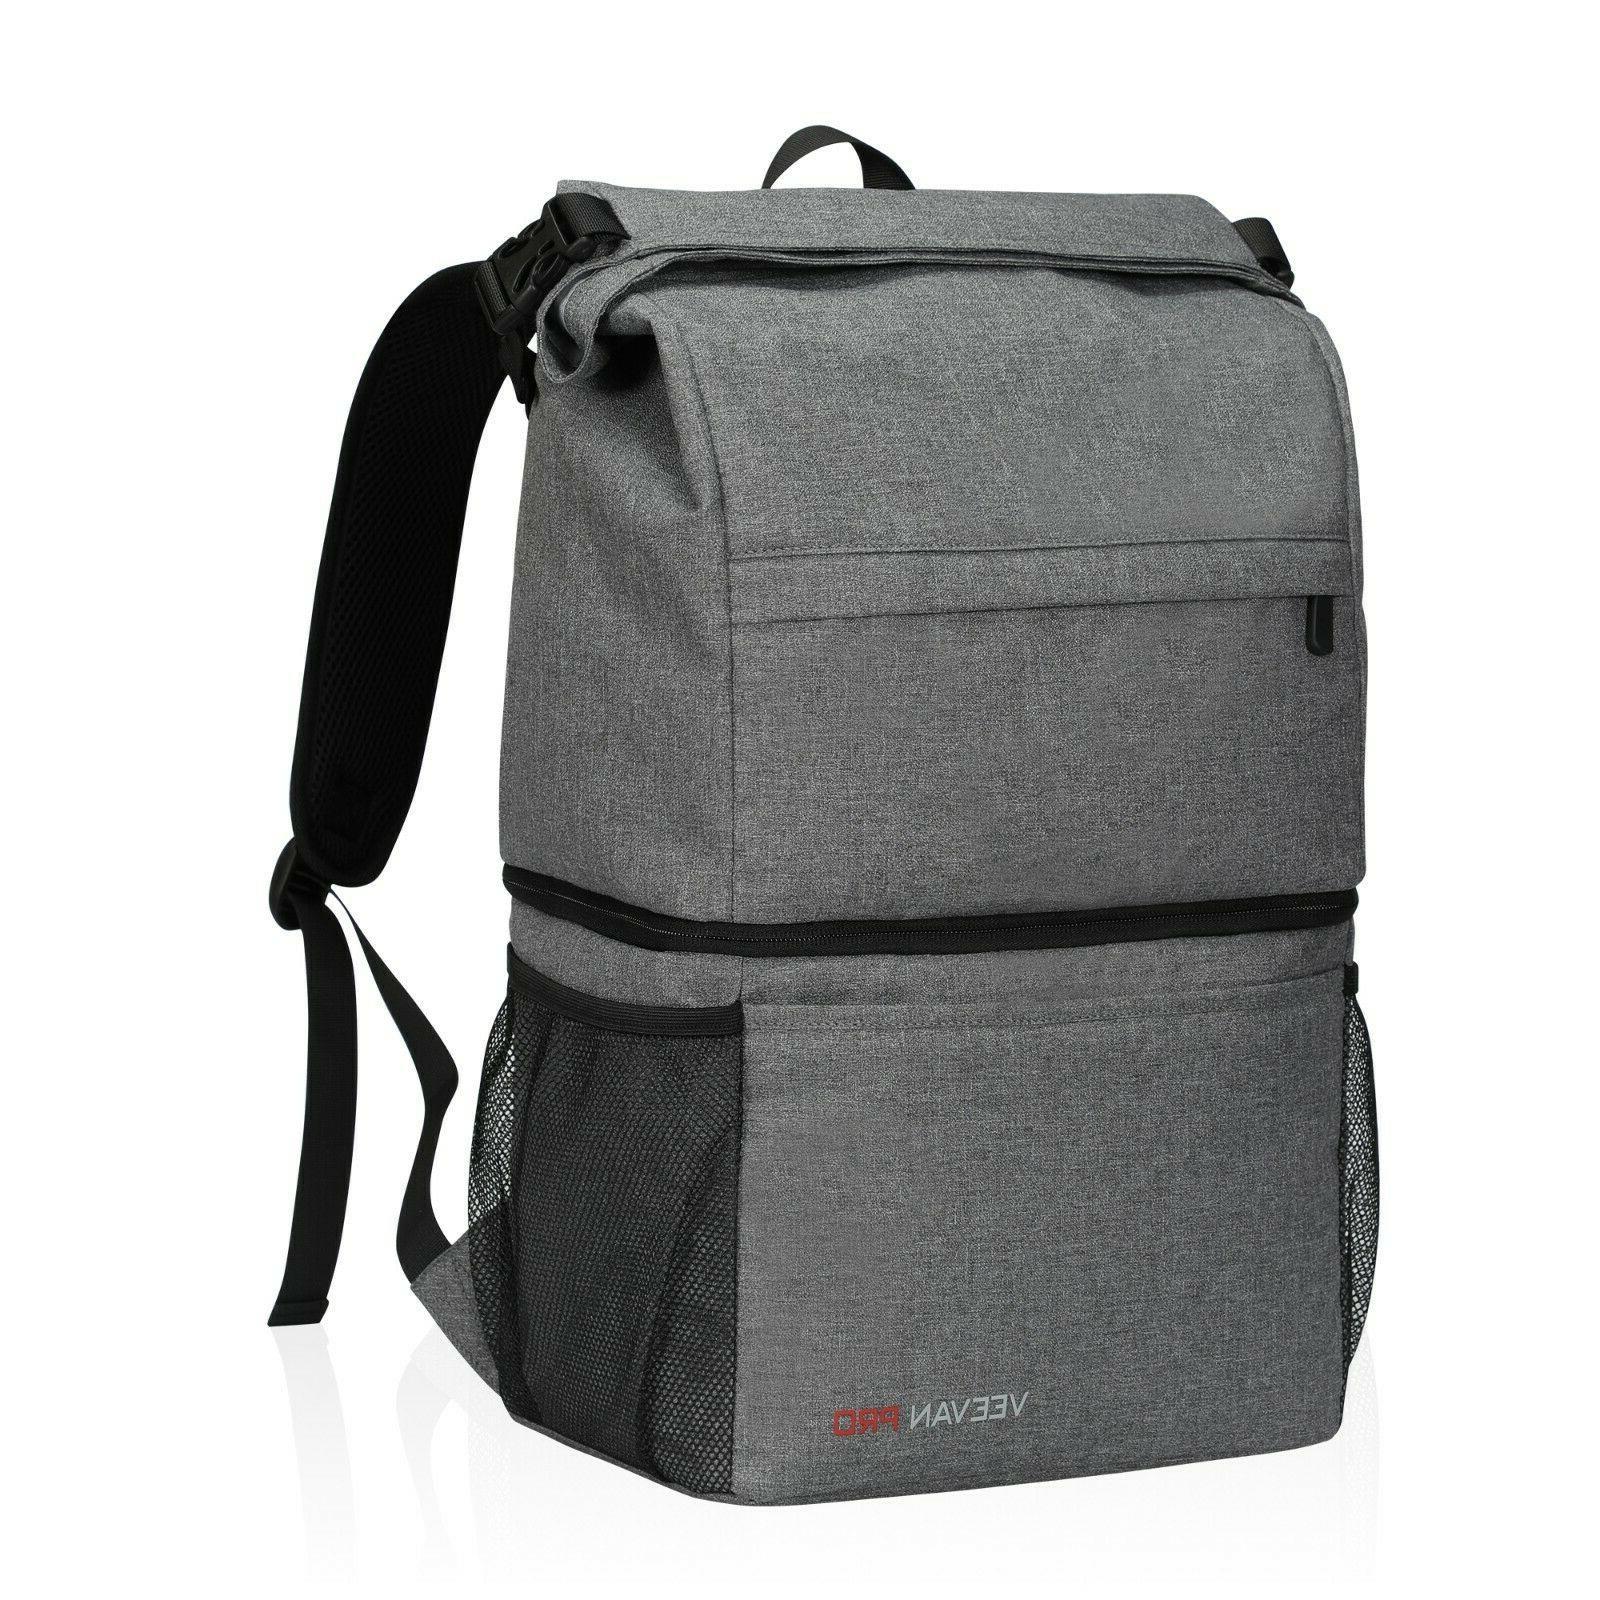 Leakproof Cooler Bag